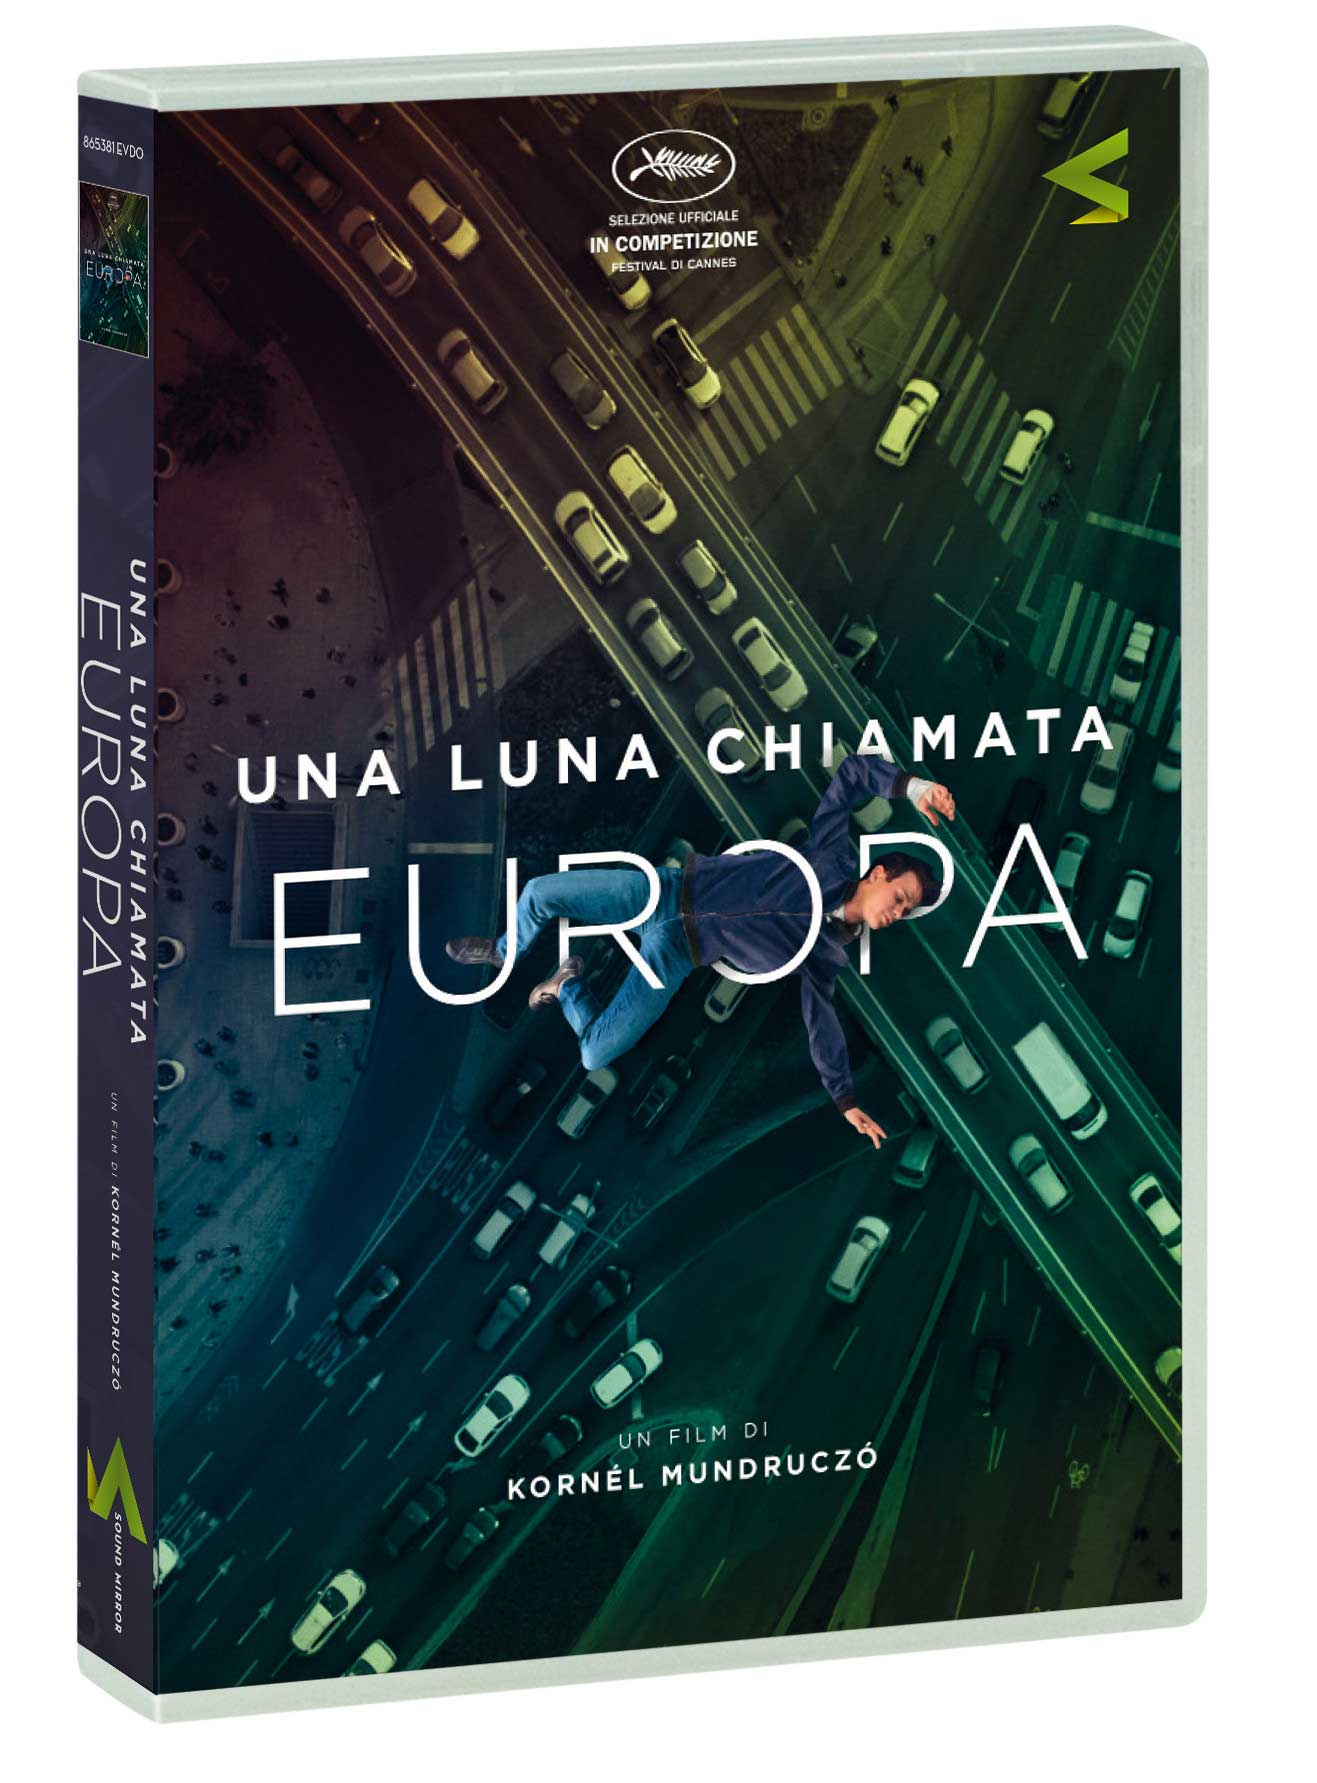 UNA LUNA CHIAMATA EUROPA (DVD)